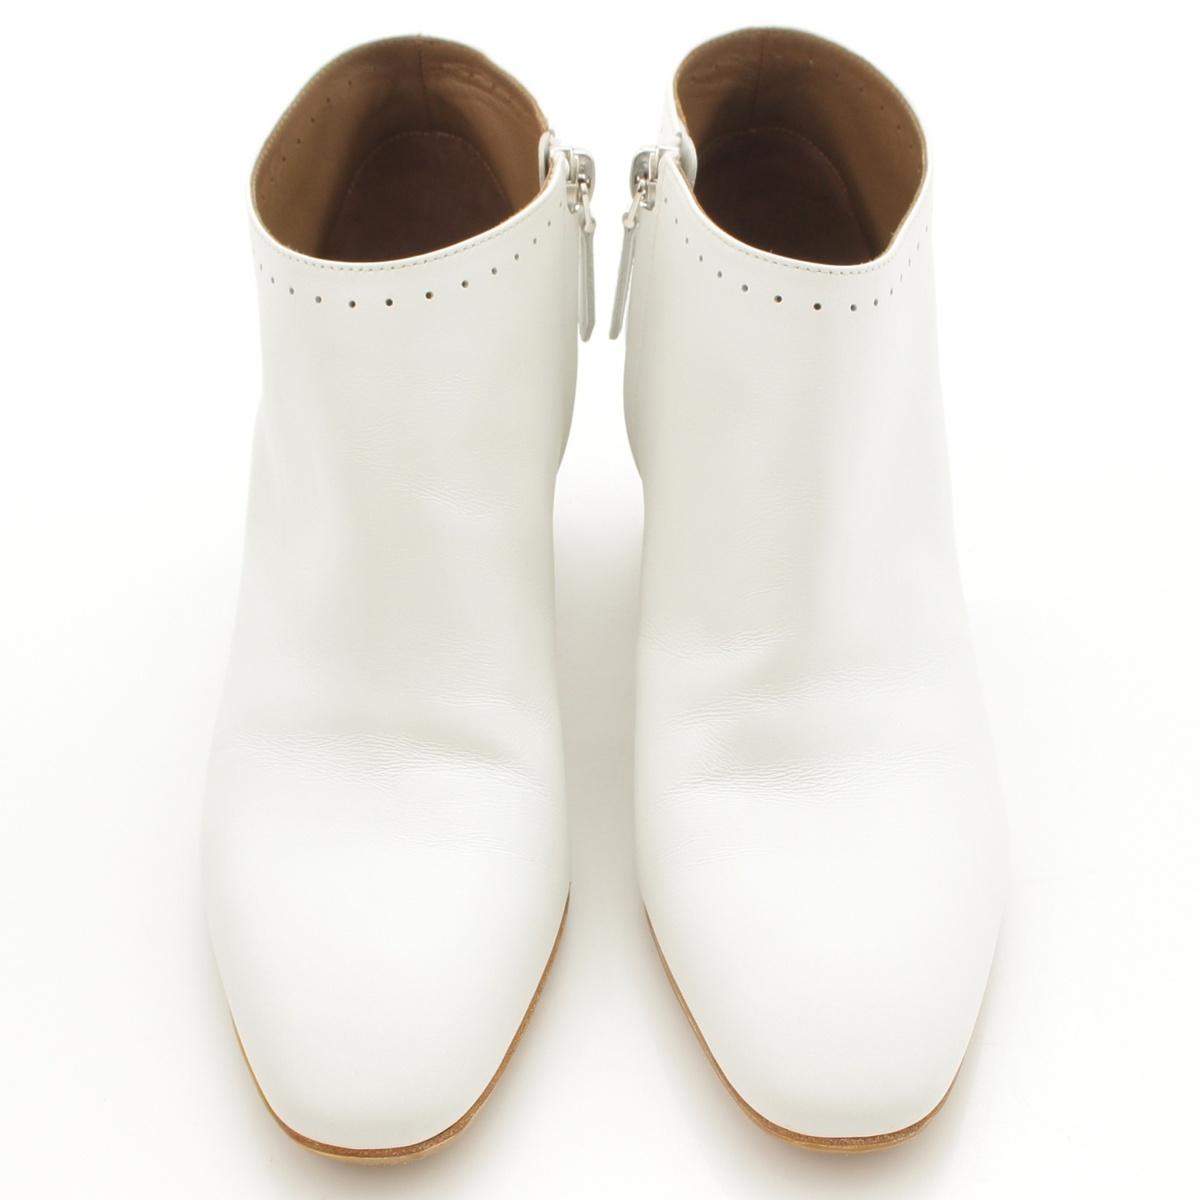 Damen Stiefeletten Worker Boots Schnürstiefel 72837 Schuhe